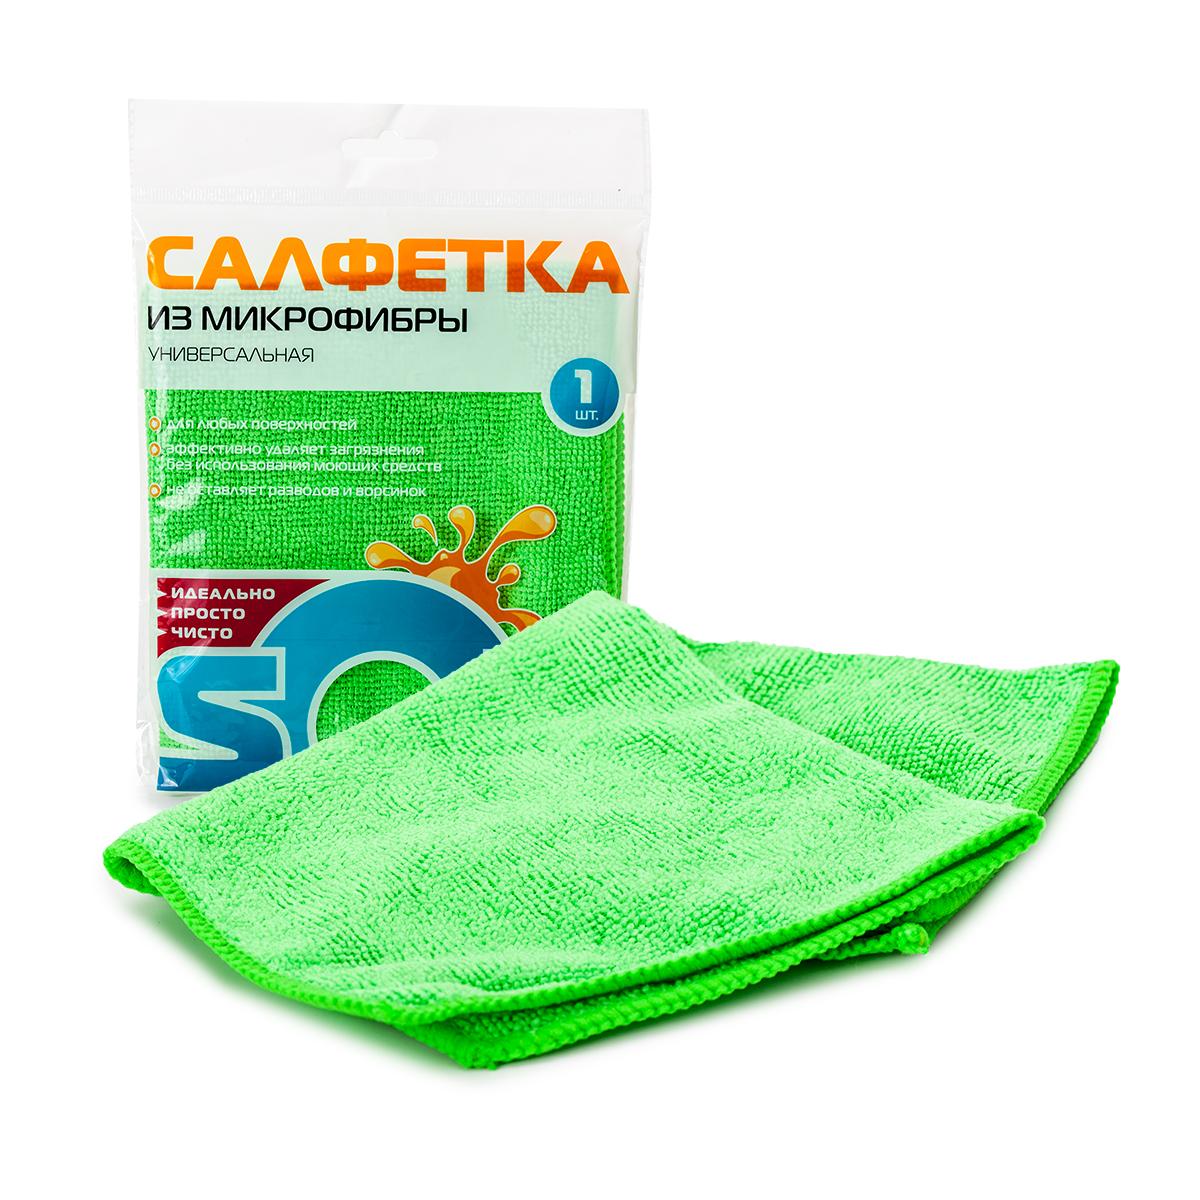 Салфетка для уборки Sol, цвет: зеленый, 30 x 30 см. 1000710007/10052Состав: 80% полиэстер, 20% полиамид;плотность: 220 гр/м2Особая текстура, полученная путем микроструйной водной обработки ткани, позволяет глубоко проникать в микротрещины, избавляя от мелких частиц пыли и грязи. Высокие абсорбирующие показатели и эксплуатационная устойчивость. Использовать сухой или влажной. После употребления промыть водой. Допустима машинная стирка.